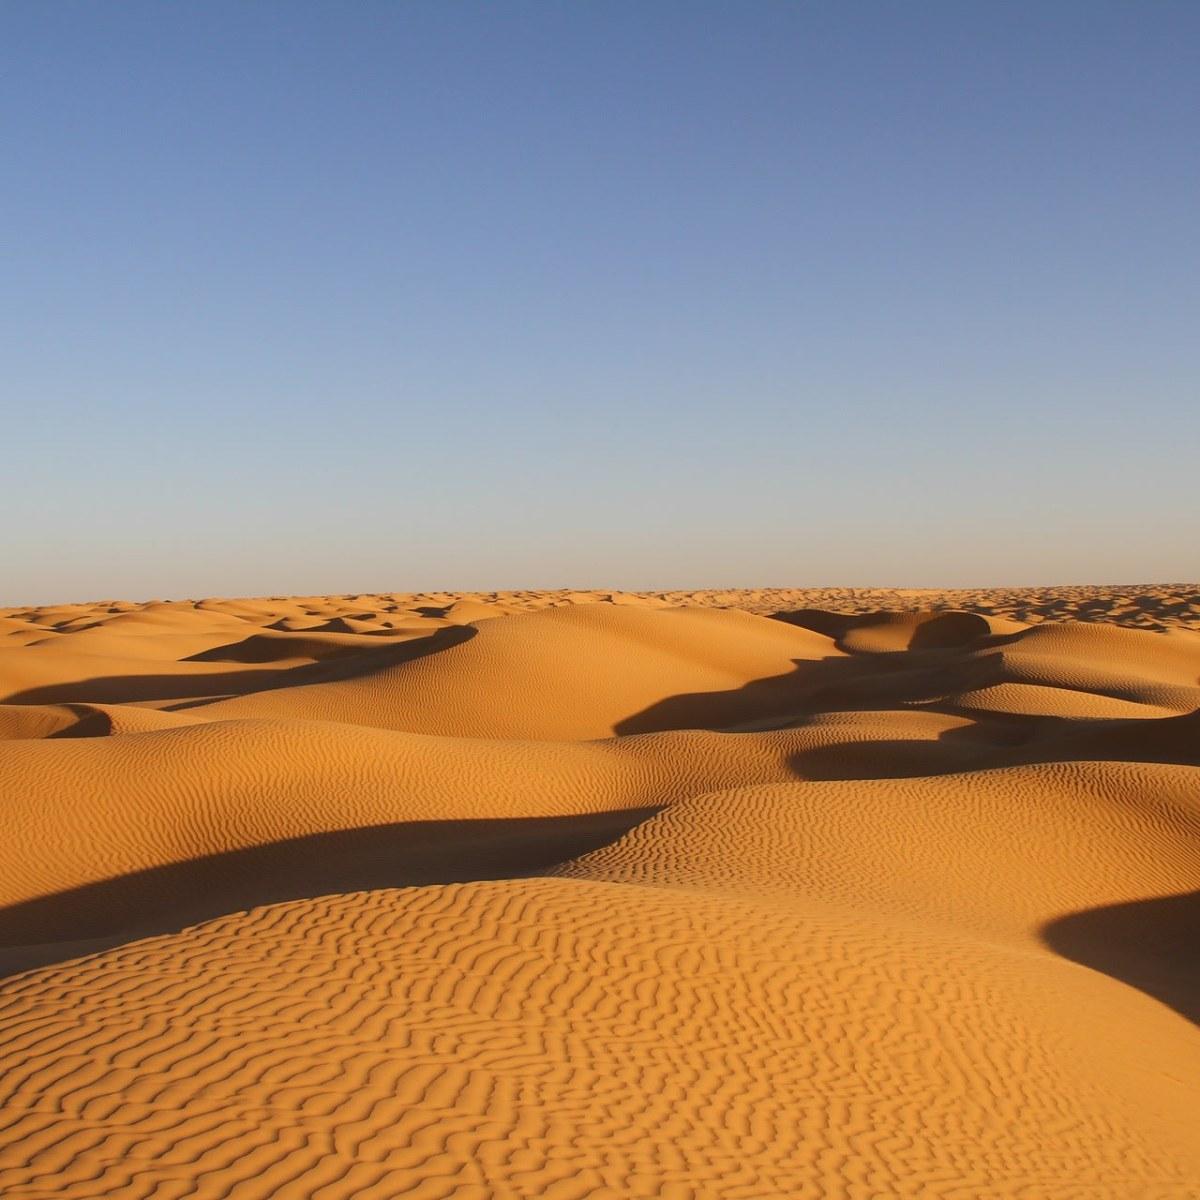 Tunesien - Wüstensand und Karawanentrails unter der Sonne Nordafrikas